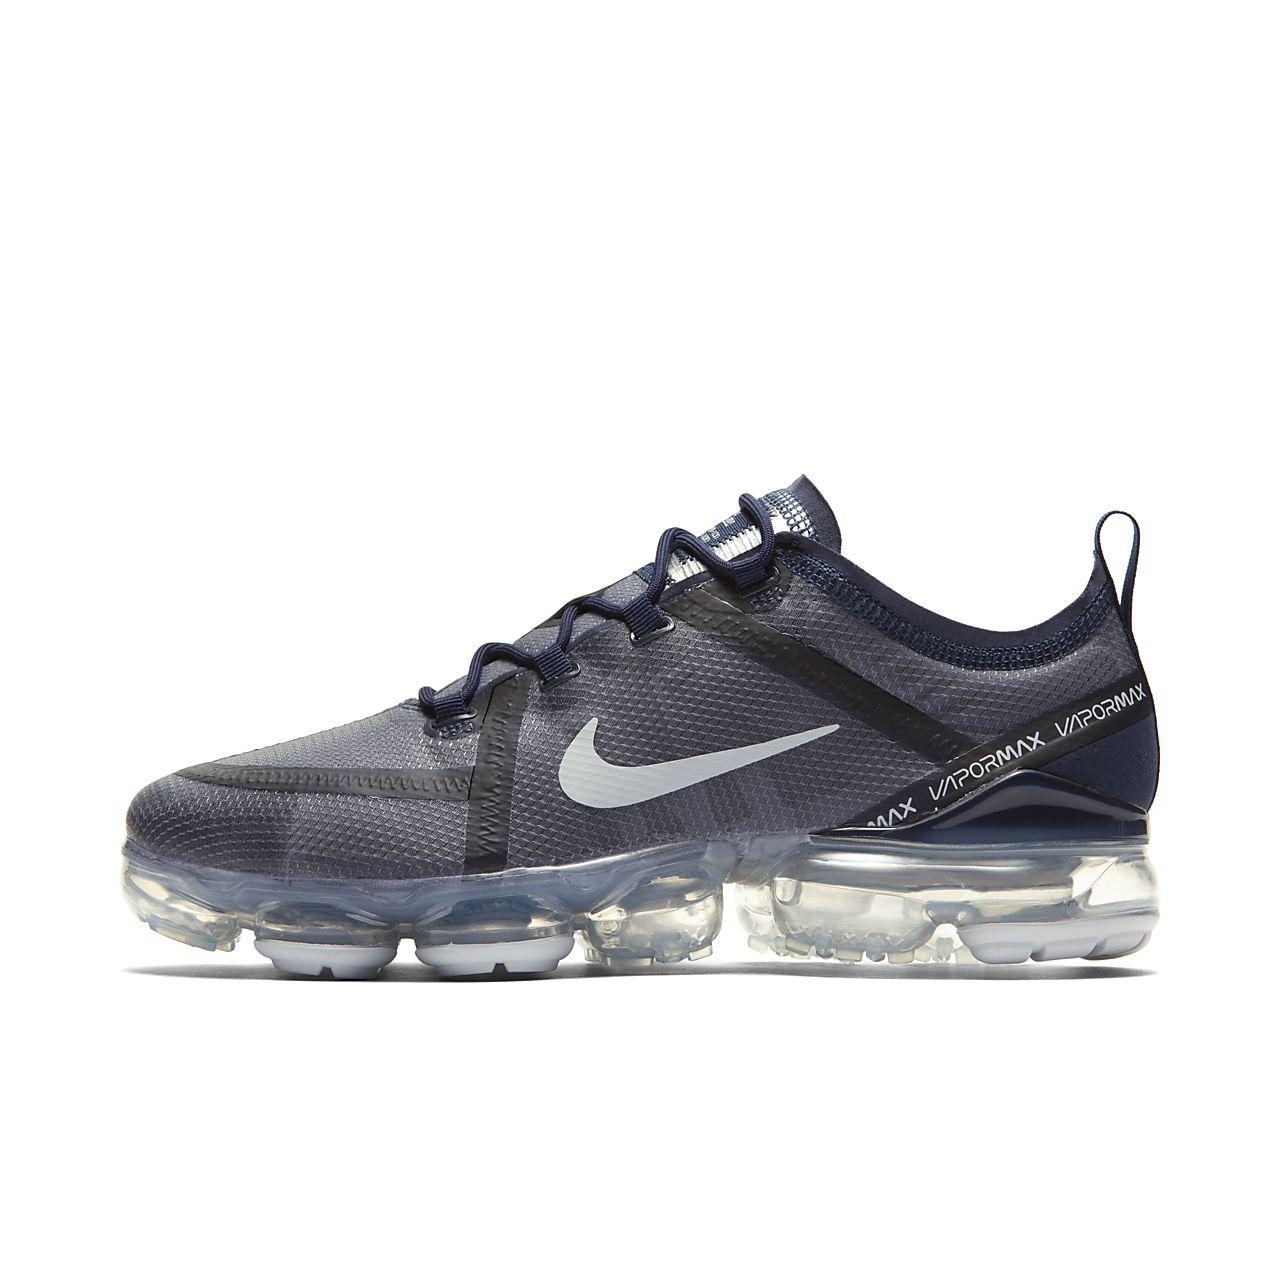 2nike uomo sneakers 2019